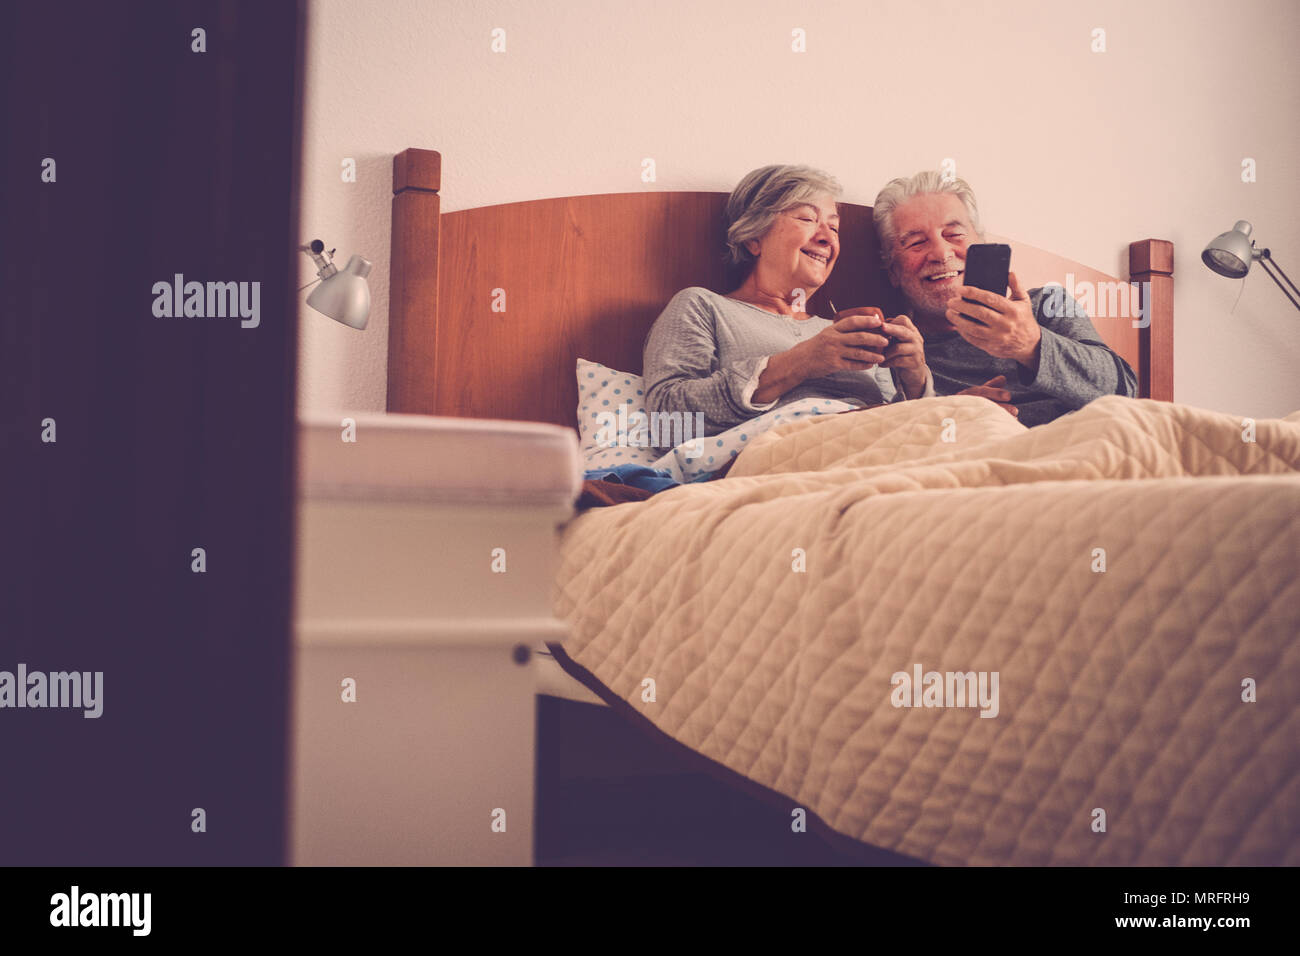 Nizza modelli bella giovane di adulti senior 70 anni divertirsi e godere nel letto di casa in camera da letto. pigra mattina svegliatevi con nessuna fretta e di controllo Immagini Stock